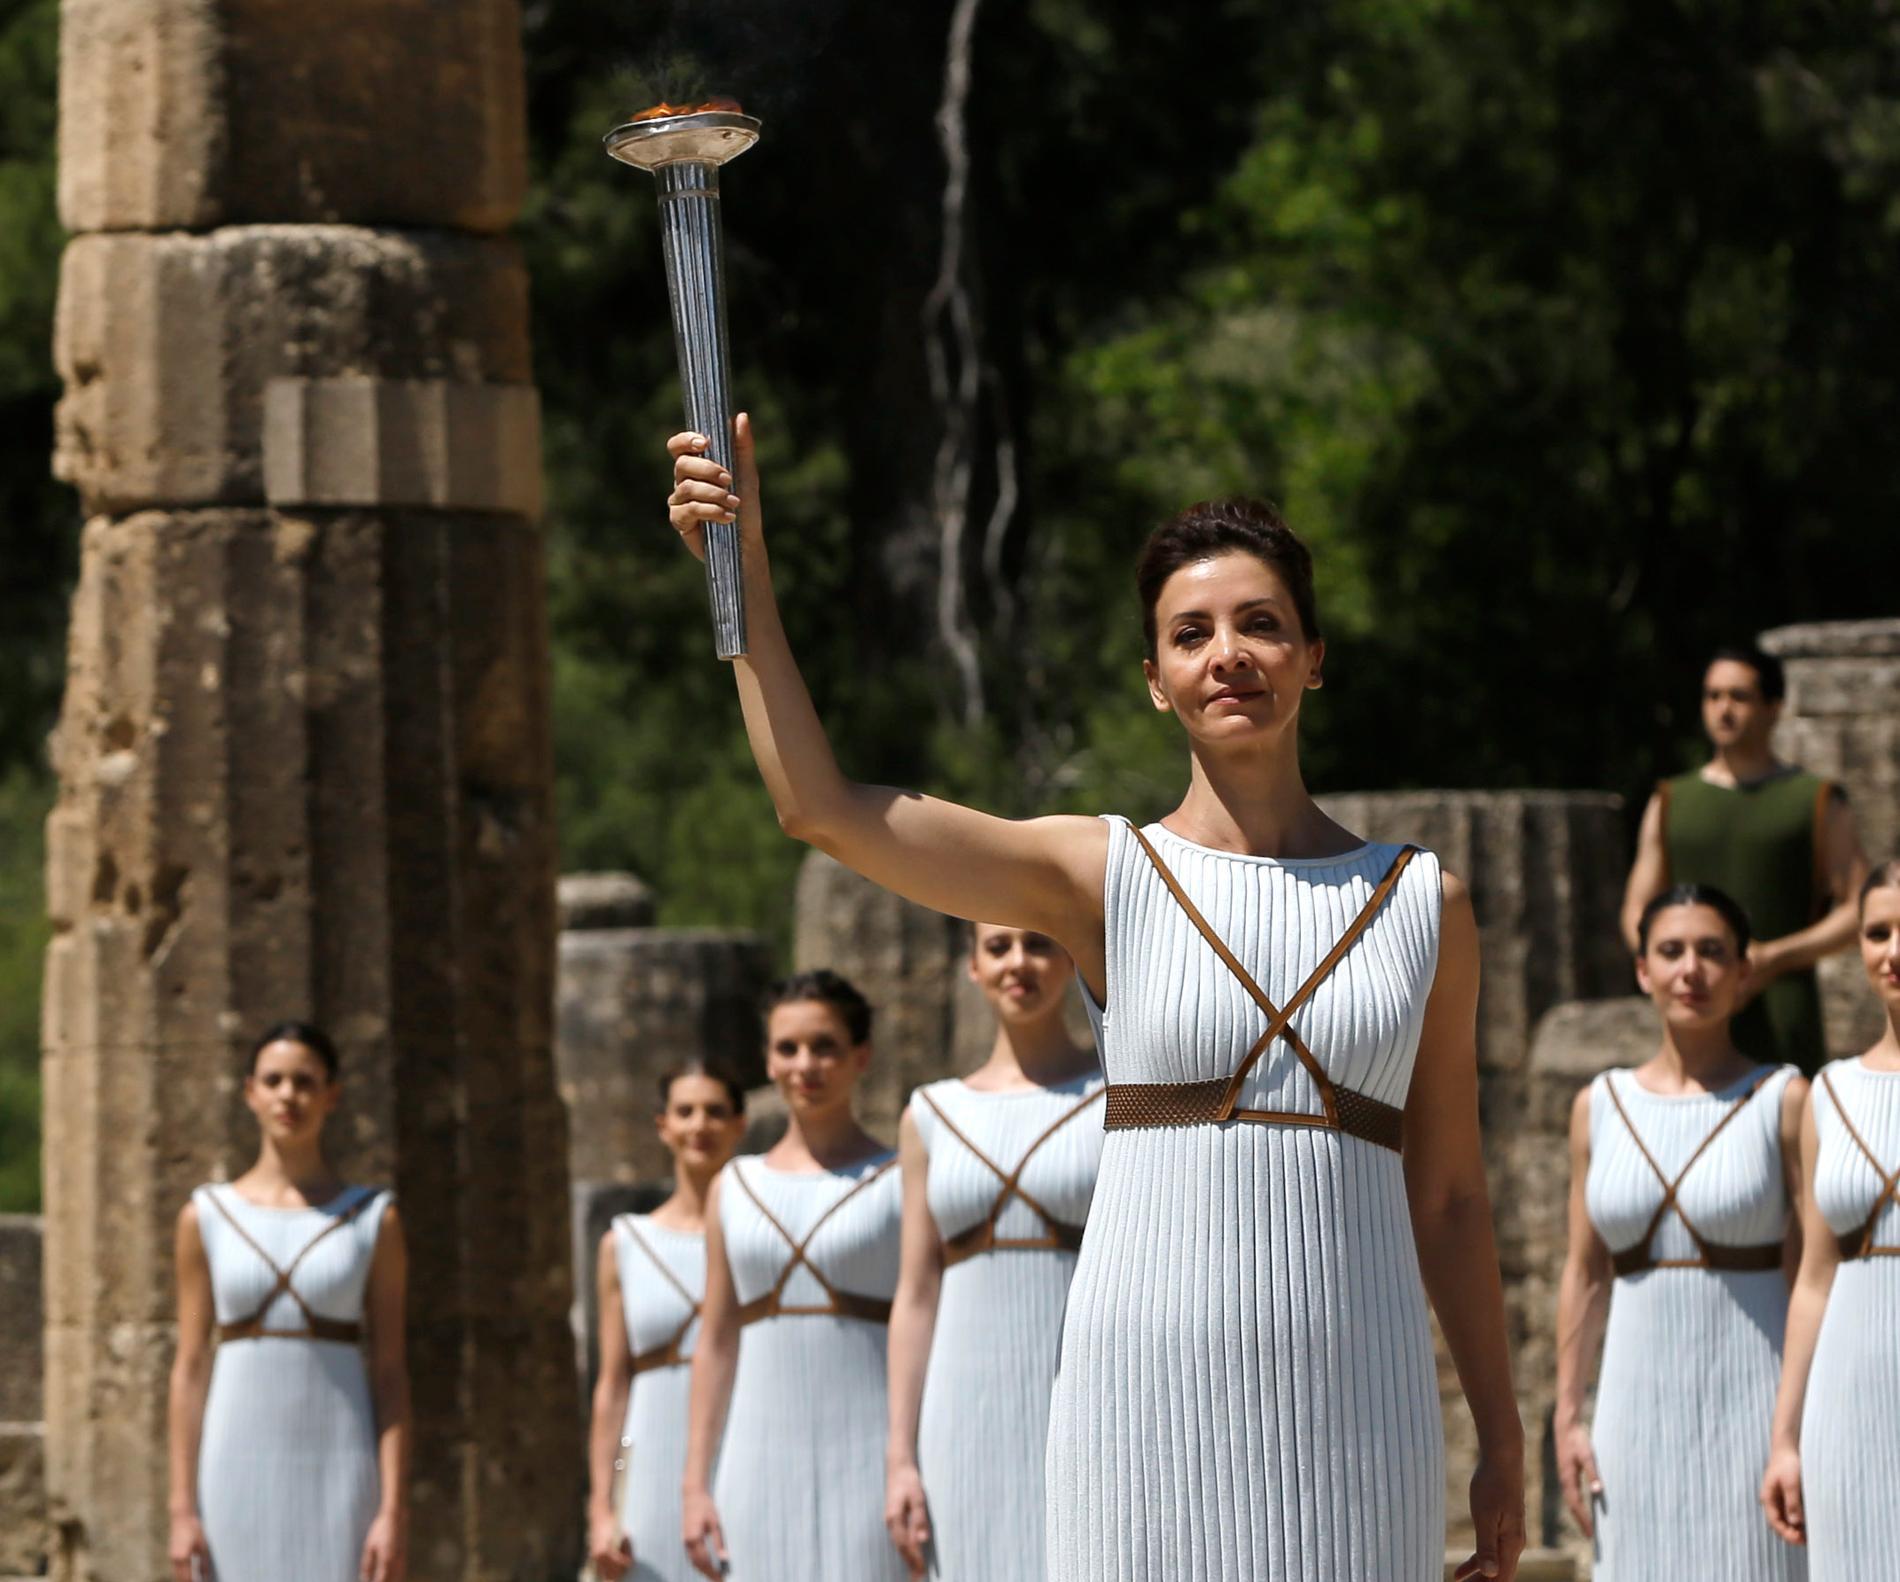 Olympia är de olympiska spelens hem. Här bilder från en tidigare eldceremoni i byn.